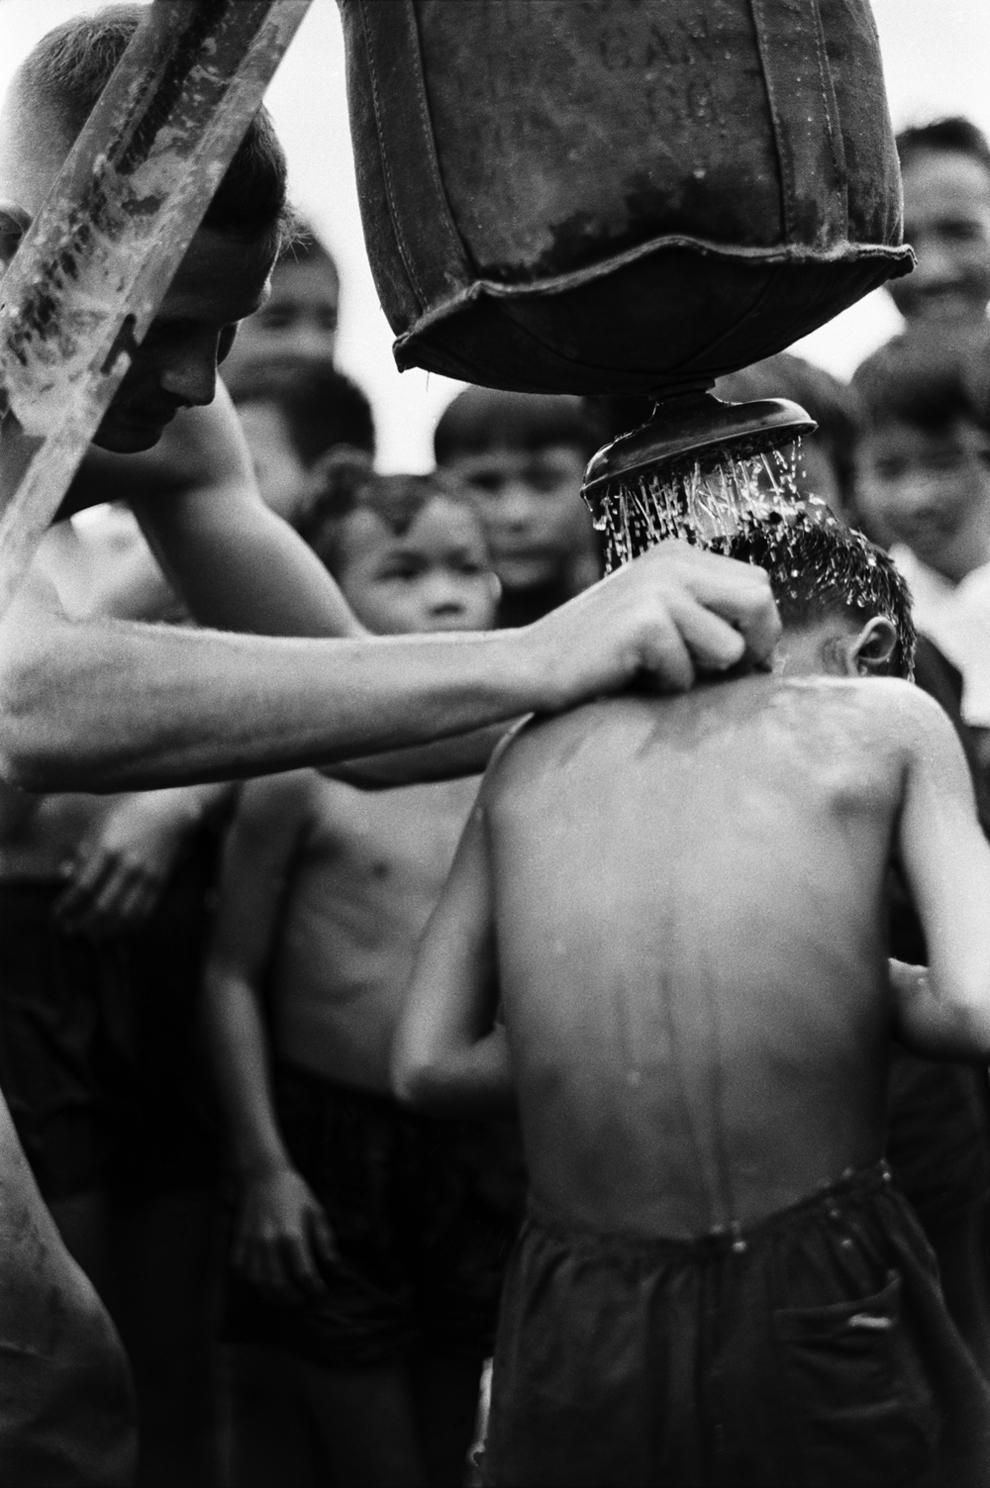 bp29 - Hình ảnh hiếm gây chấn động về cuộc chiến ở Việt Nam